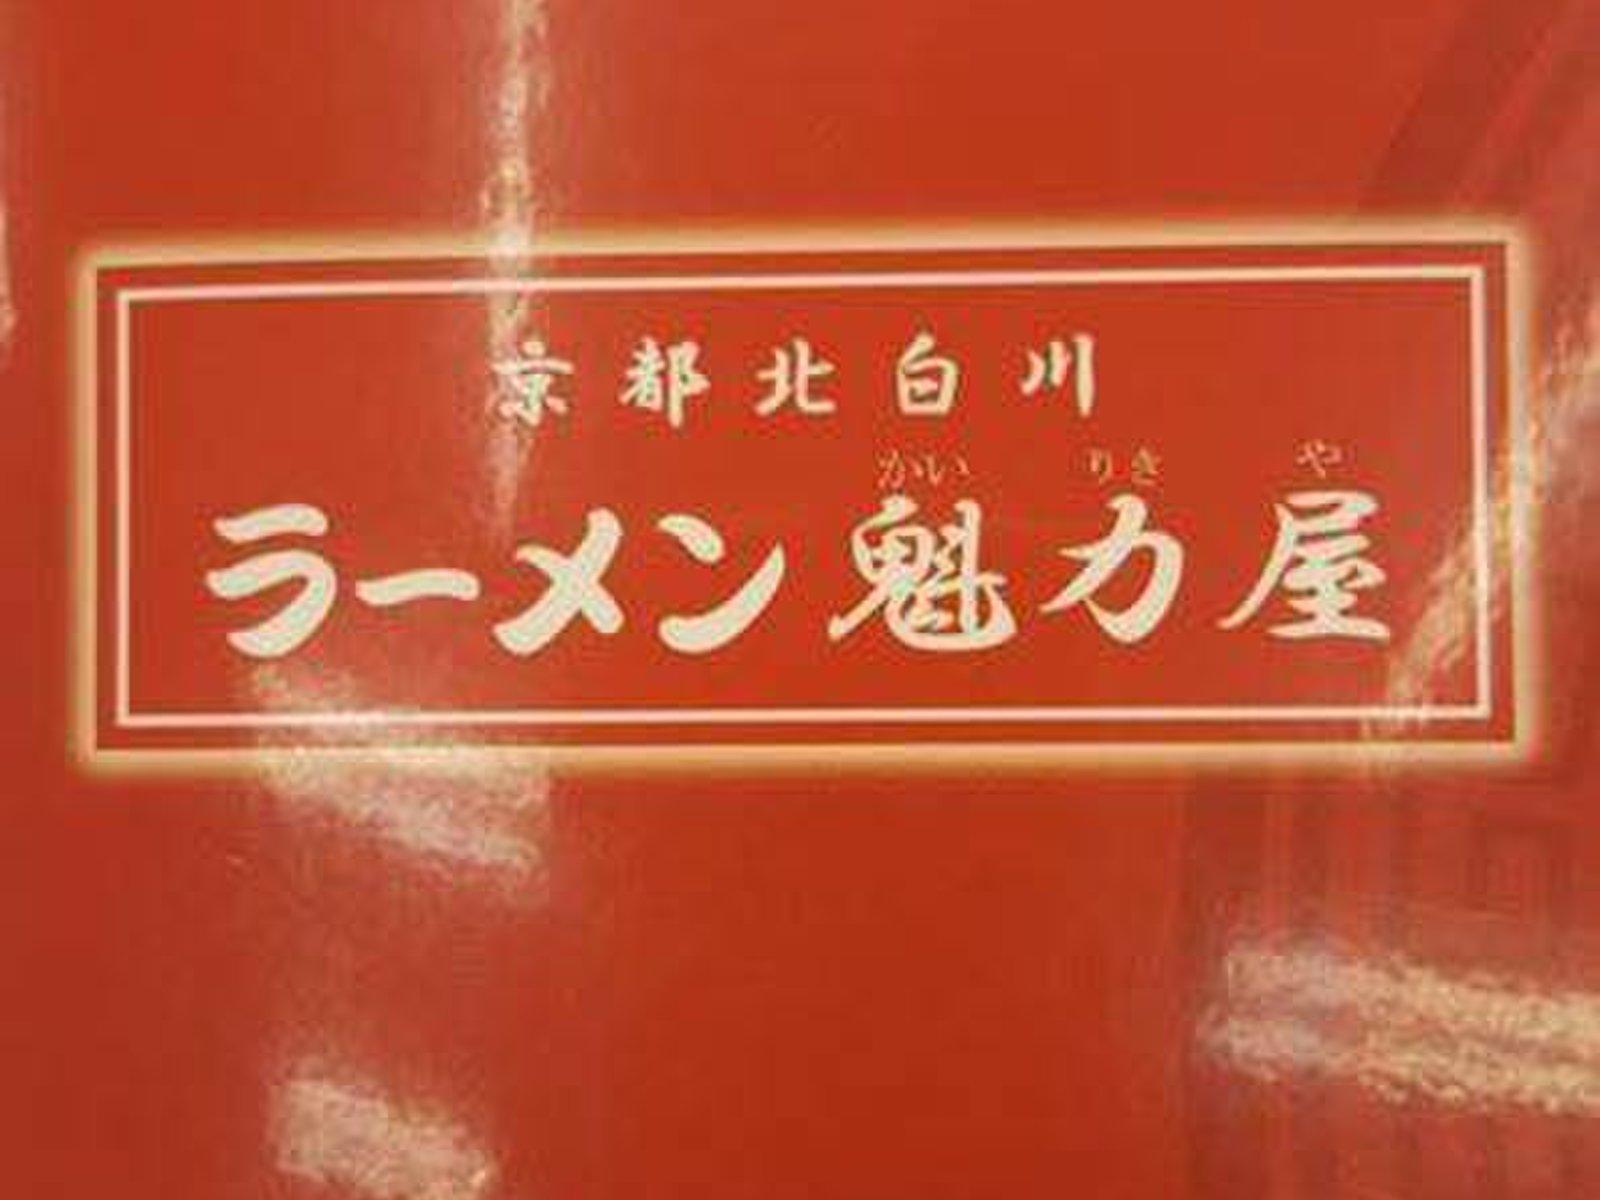 ラーメン魁力屋 本店